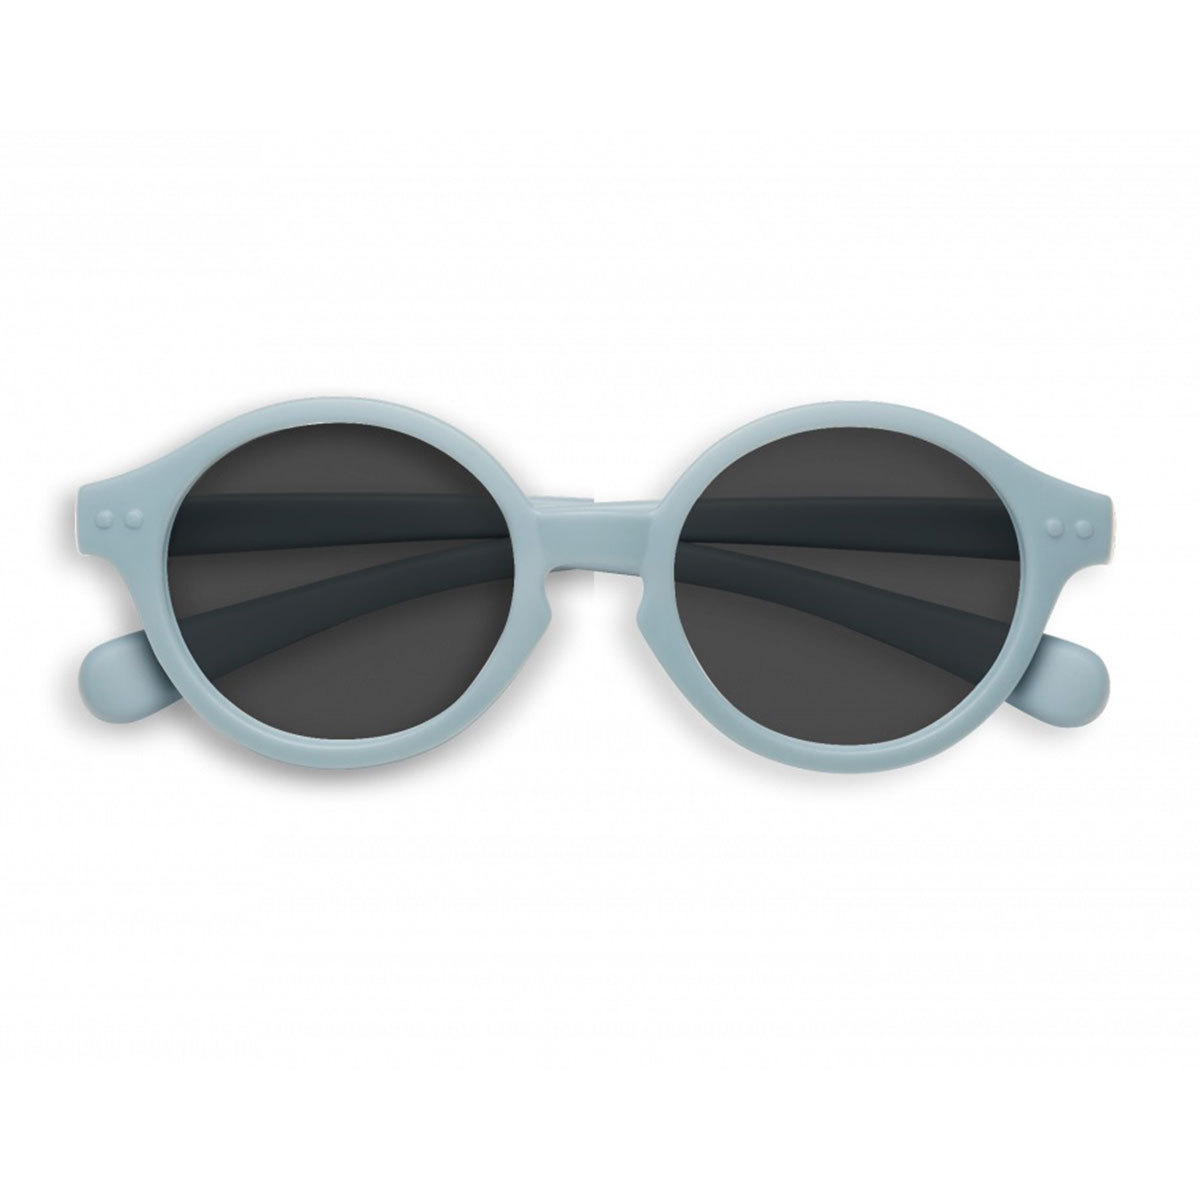 Accessoires bébé Lunettes de Soleil Ice Blue - 0/12 Mois Lunettes de Soleil Ice Blue - 0/12 Mois